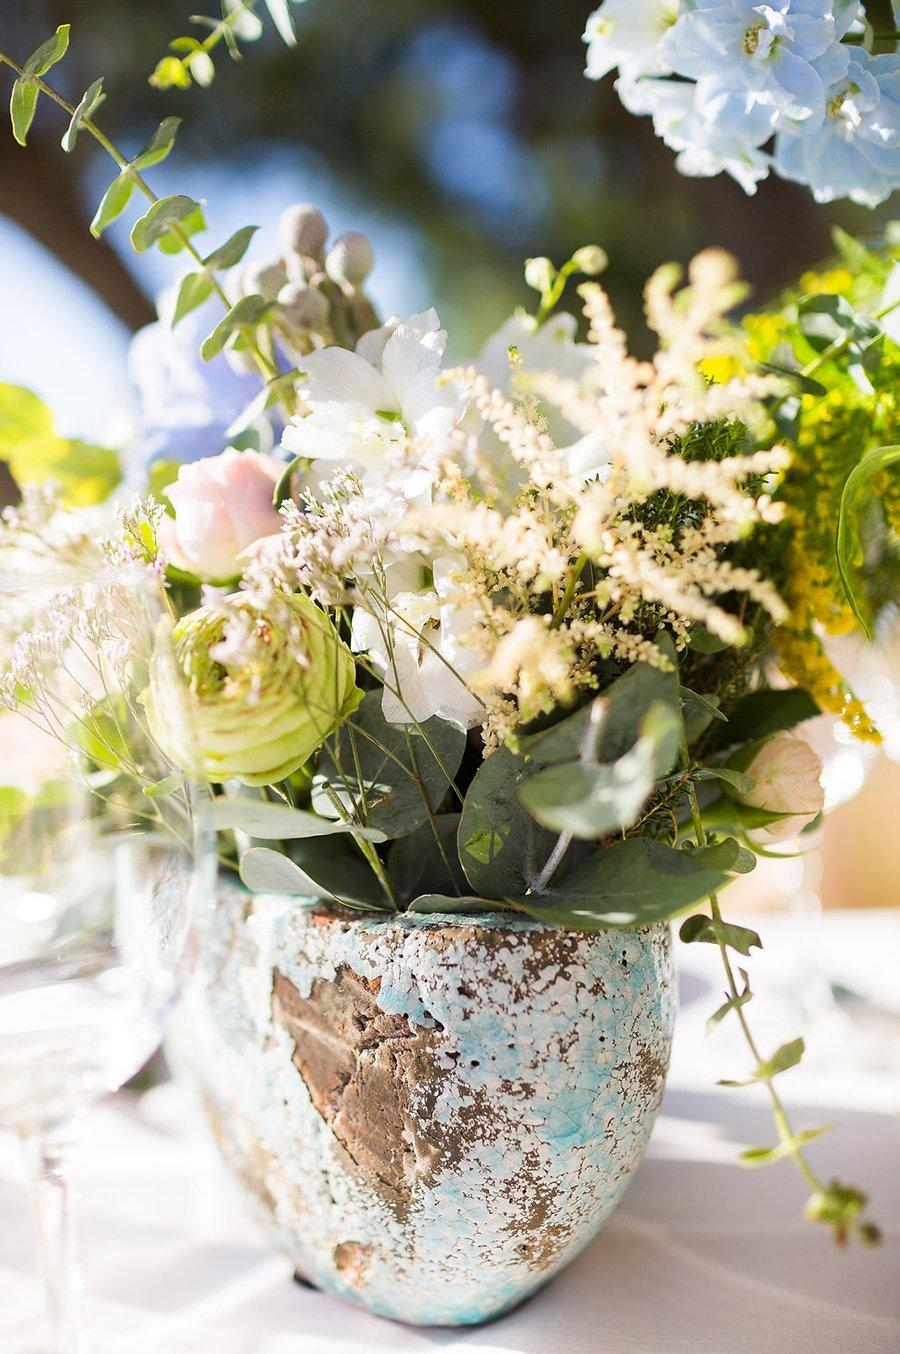 Hochzeitsideen für den Sommer | Friedatheres.com